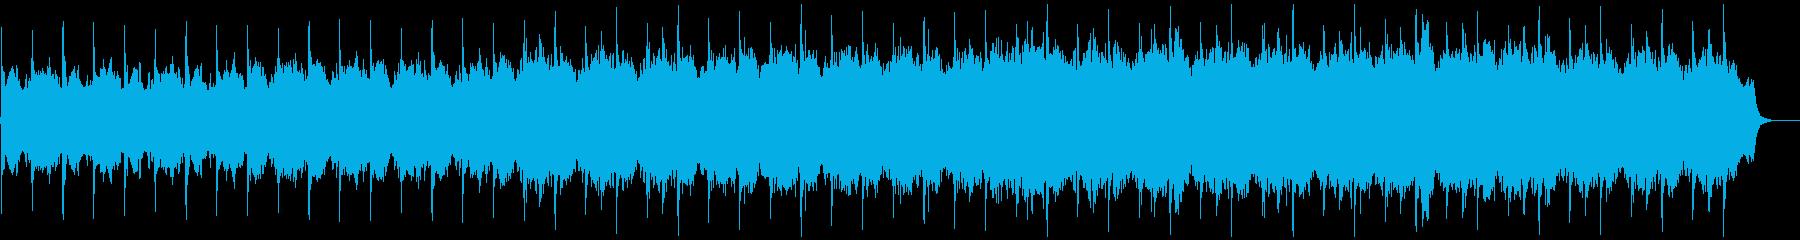 リラックスできるヒーリング系オーケストラの再生済みの波形